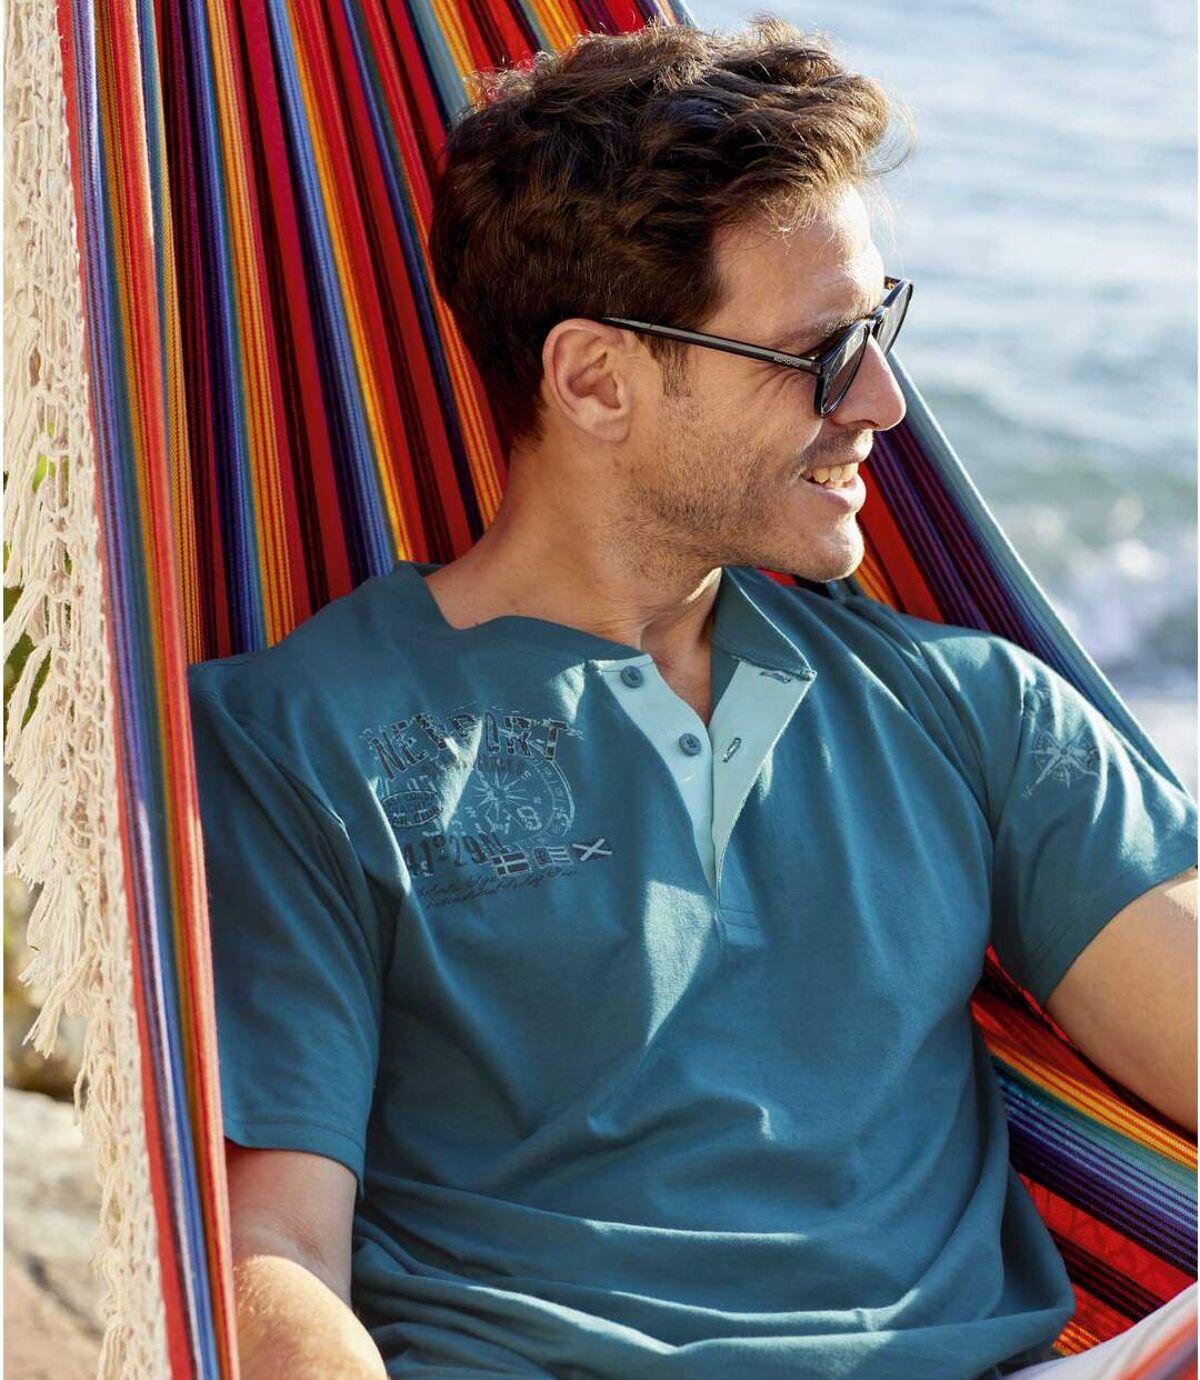 Sada 2 triček sknoflíčkovým zapínáním ukrku Atlas For Men